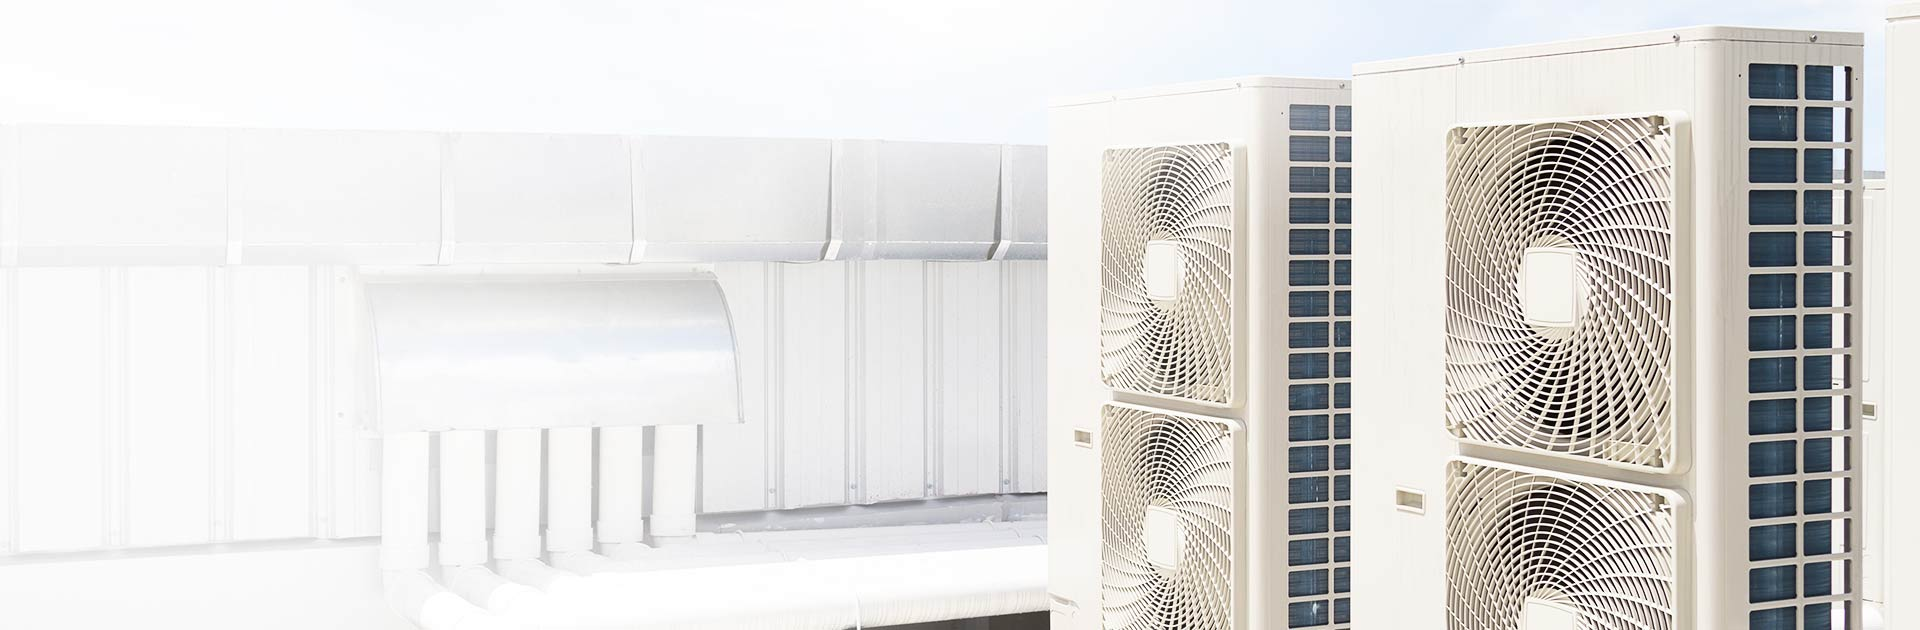 Klimarent: zunanje izvajanje sistemov za hlajenje ogrevanje in prezračevanje.